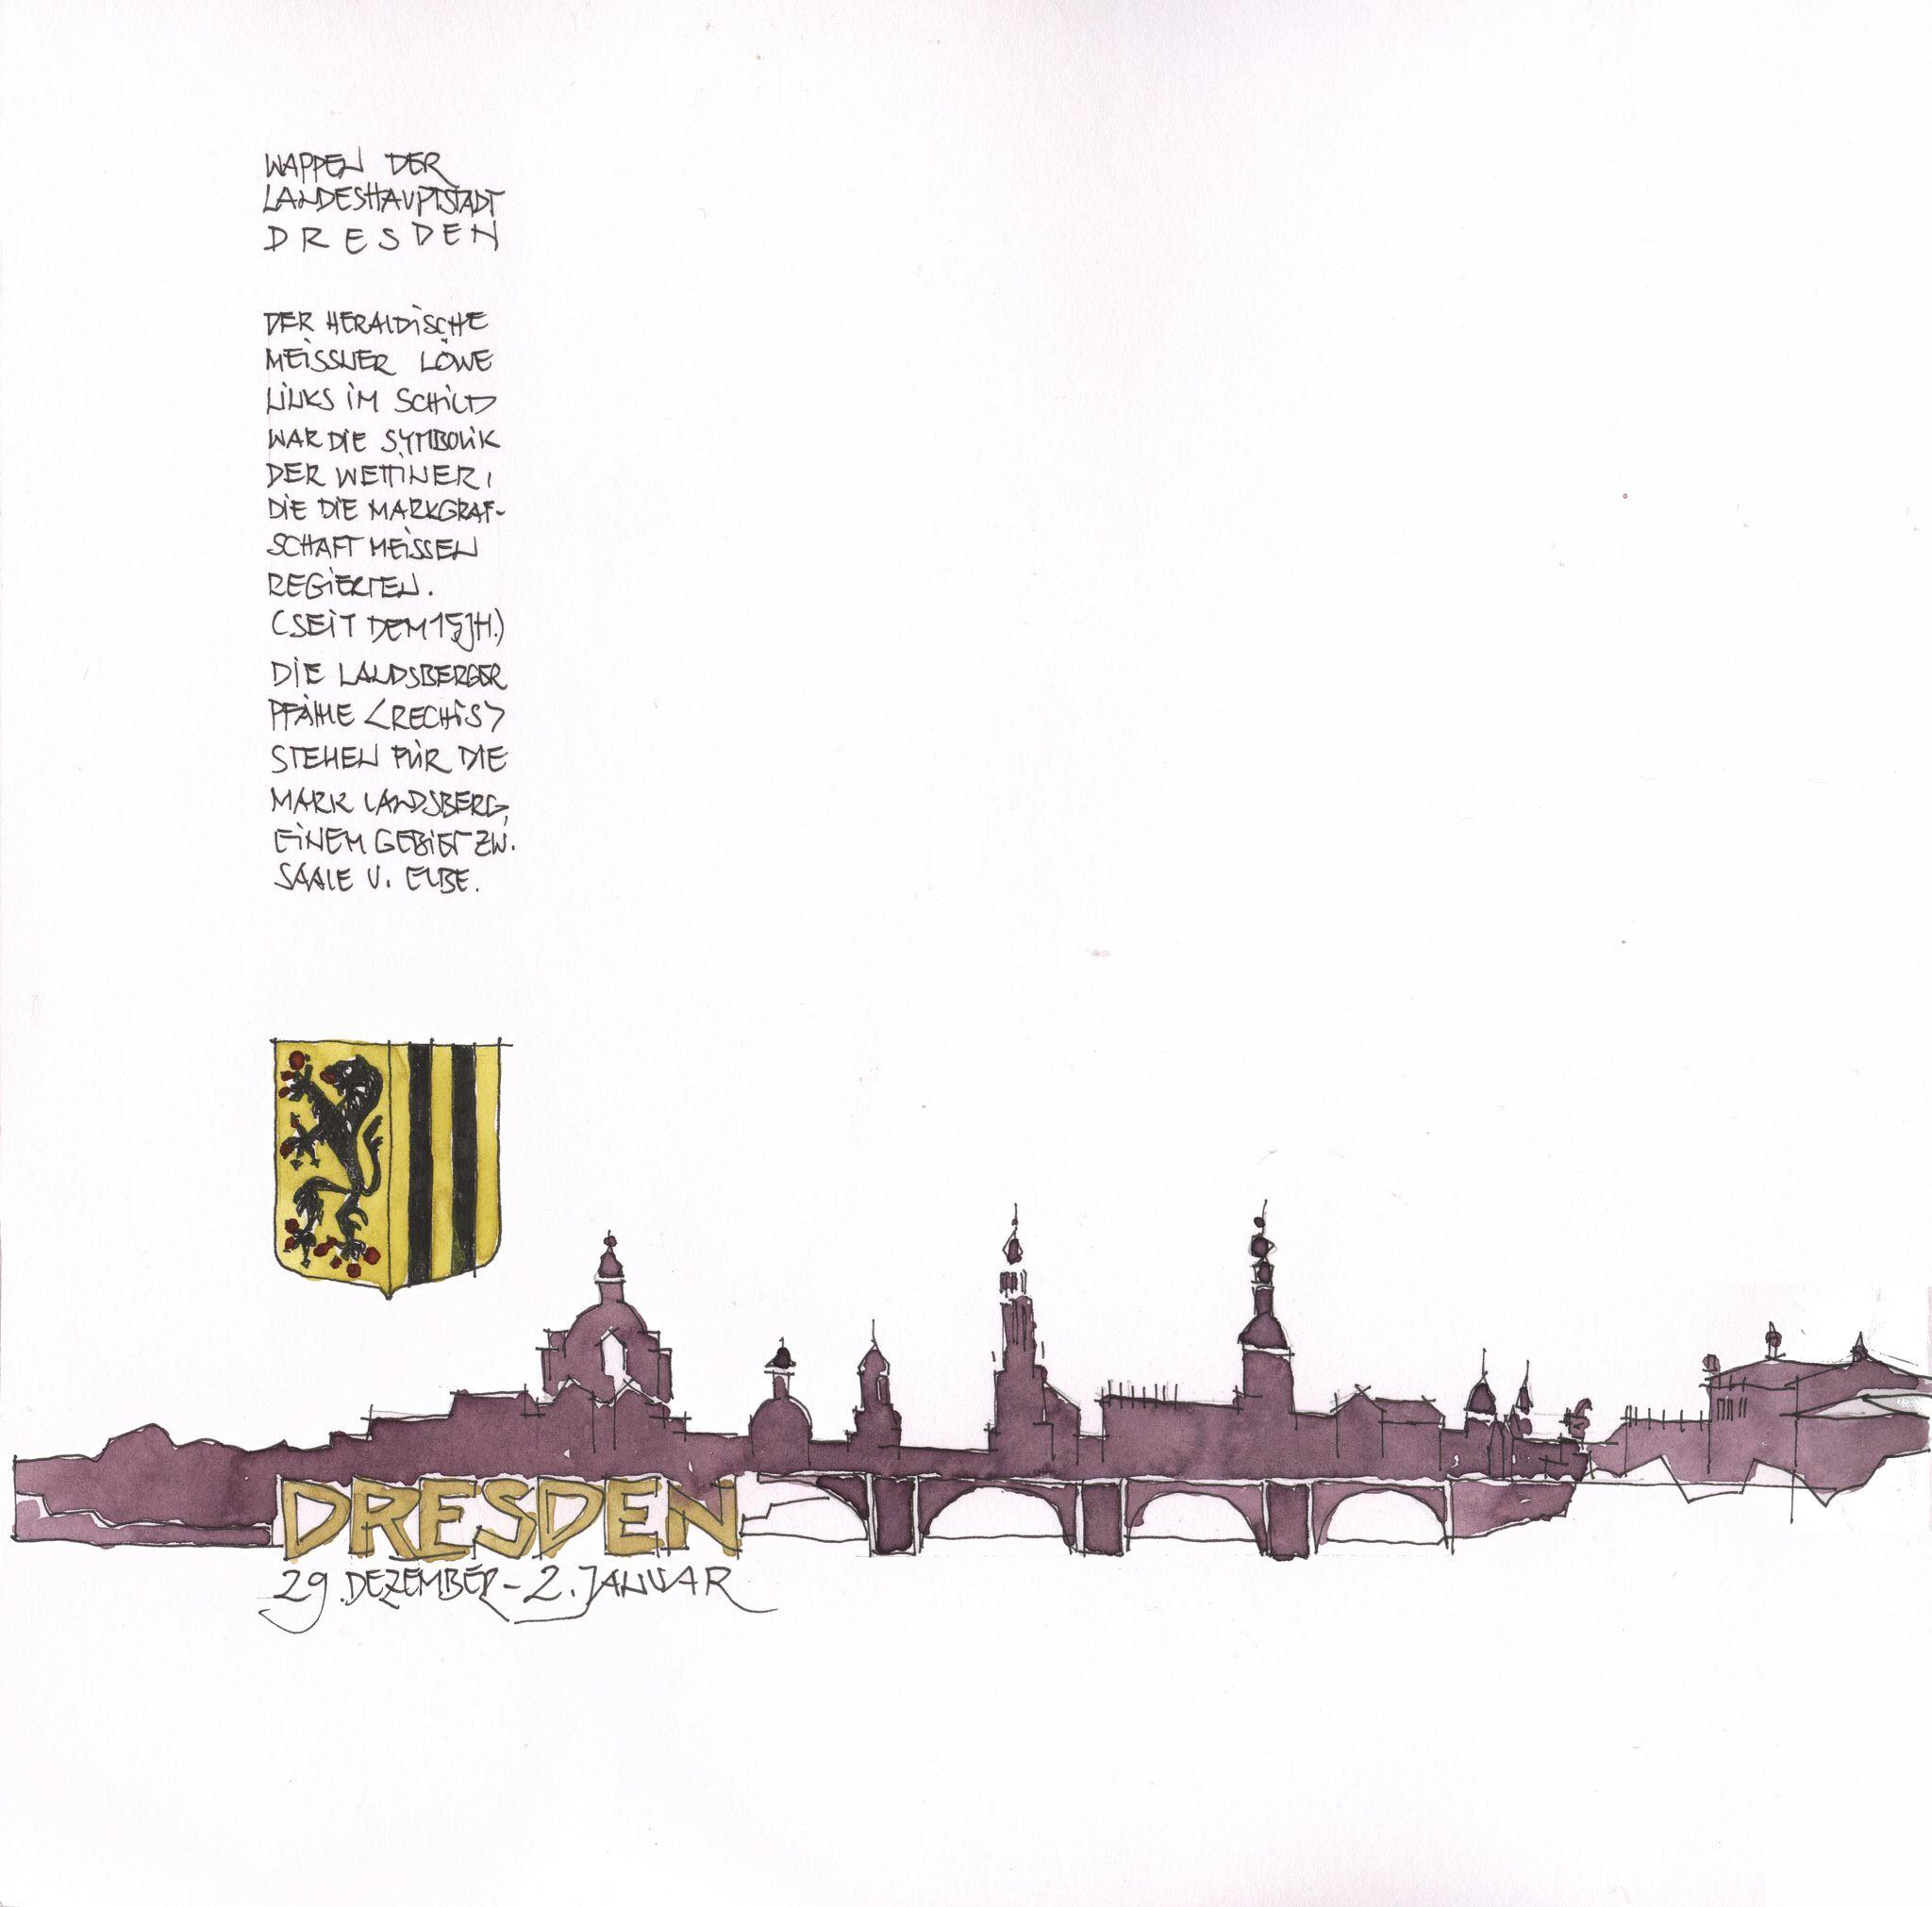 Dresden, Titel, D